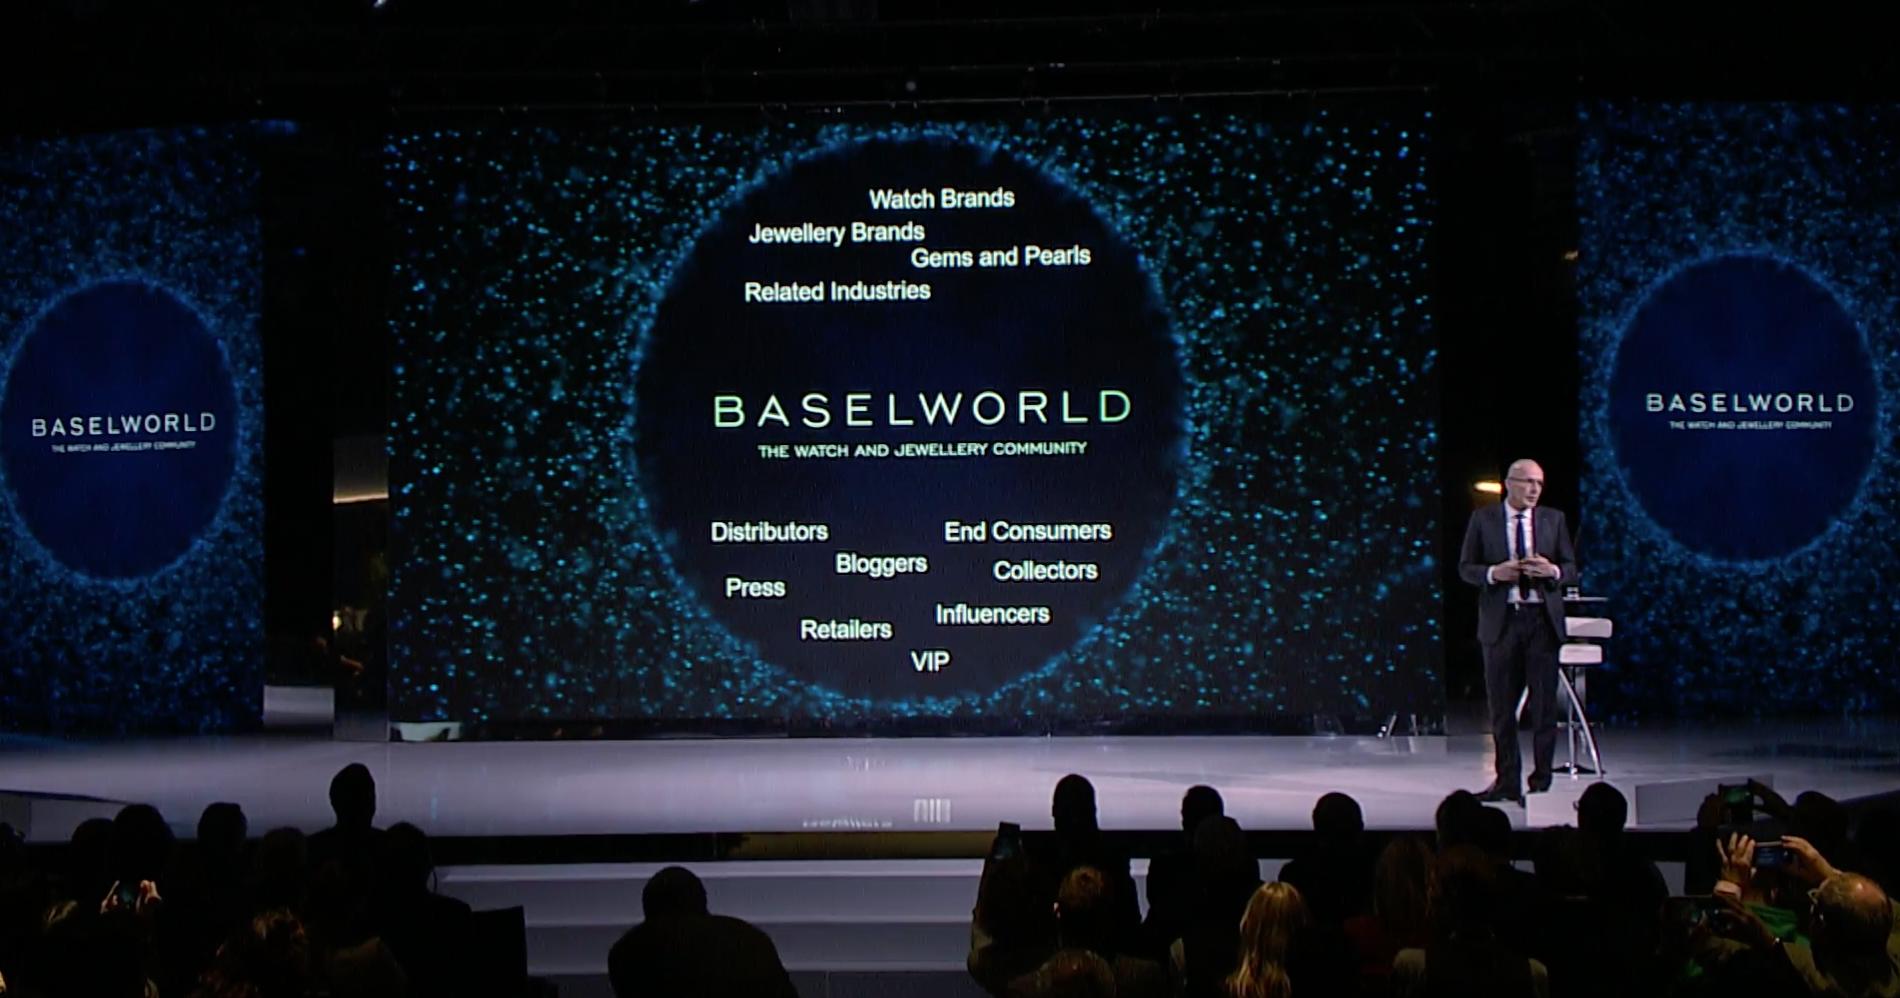 Ab 2020 legt die Baselworld stärkeren Fokus auf die Digitalisierung.